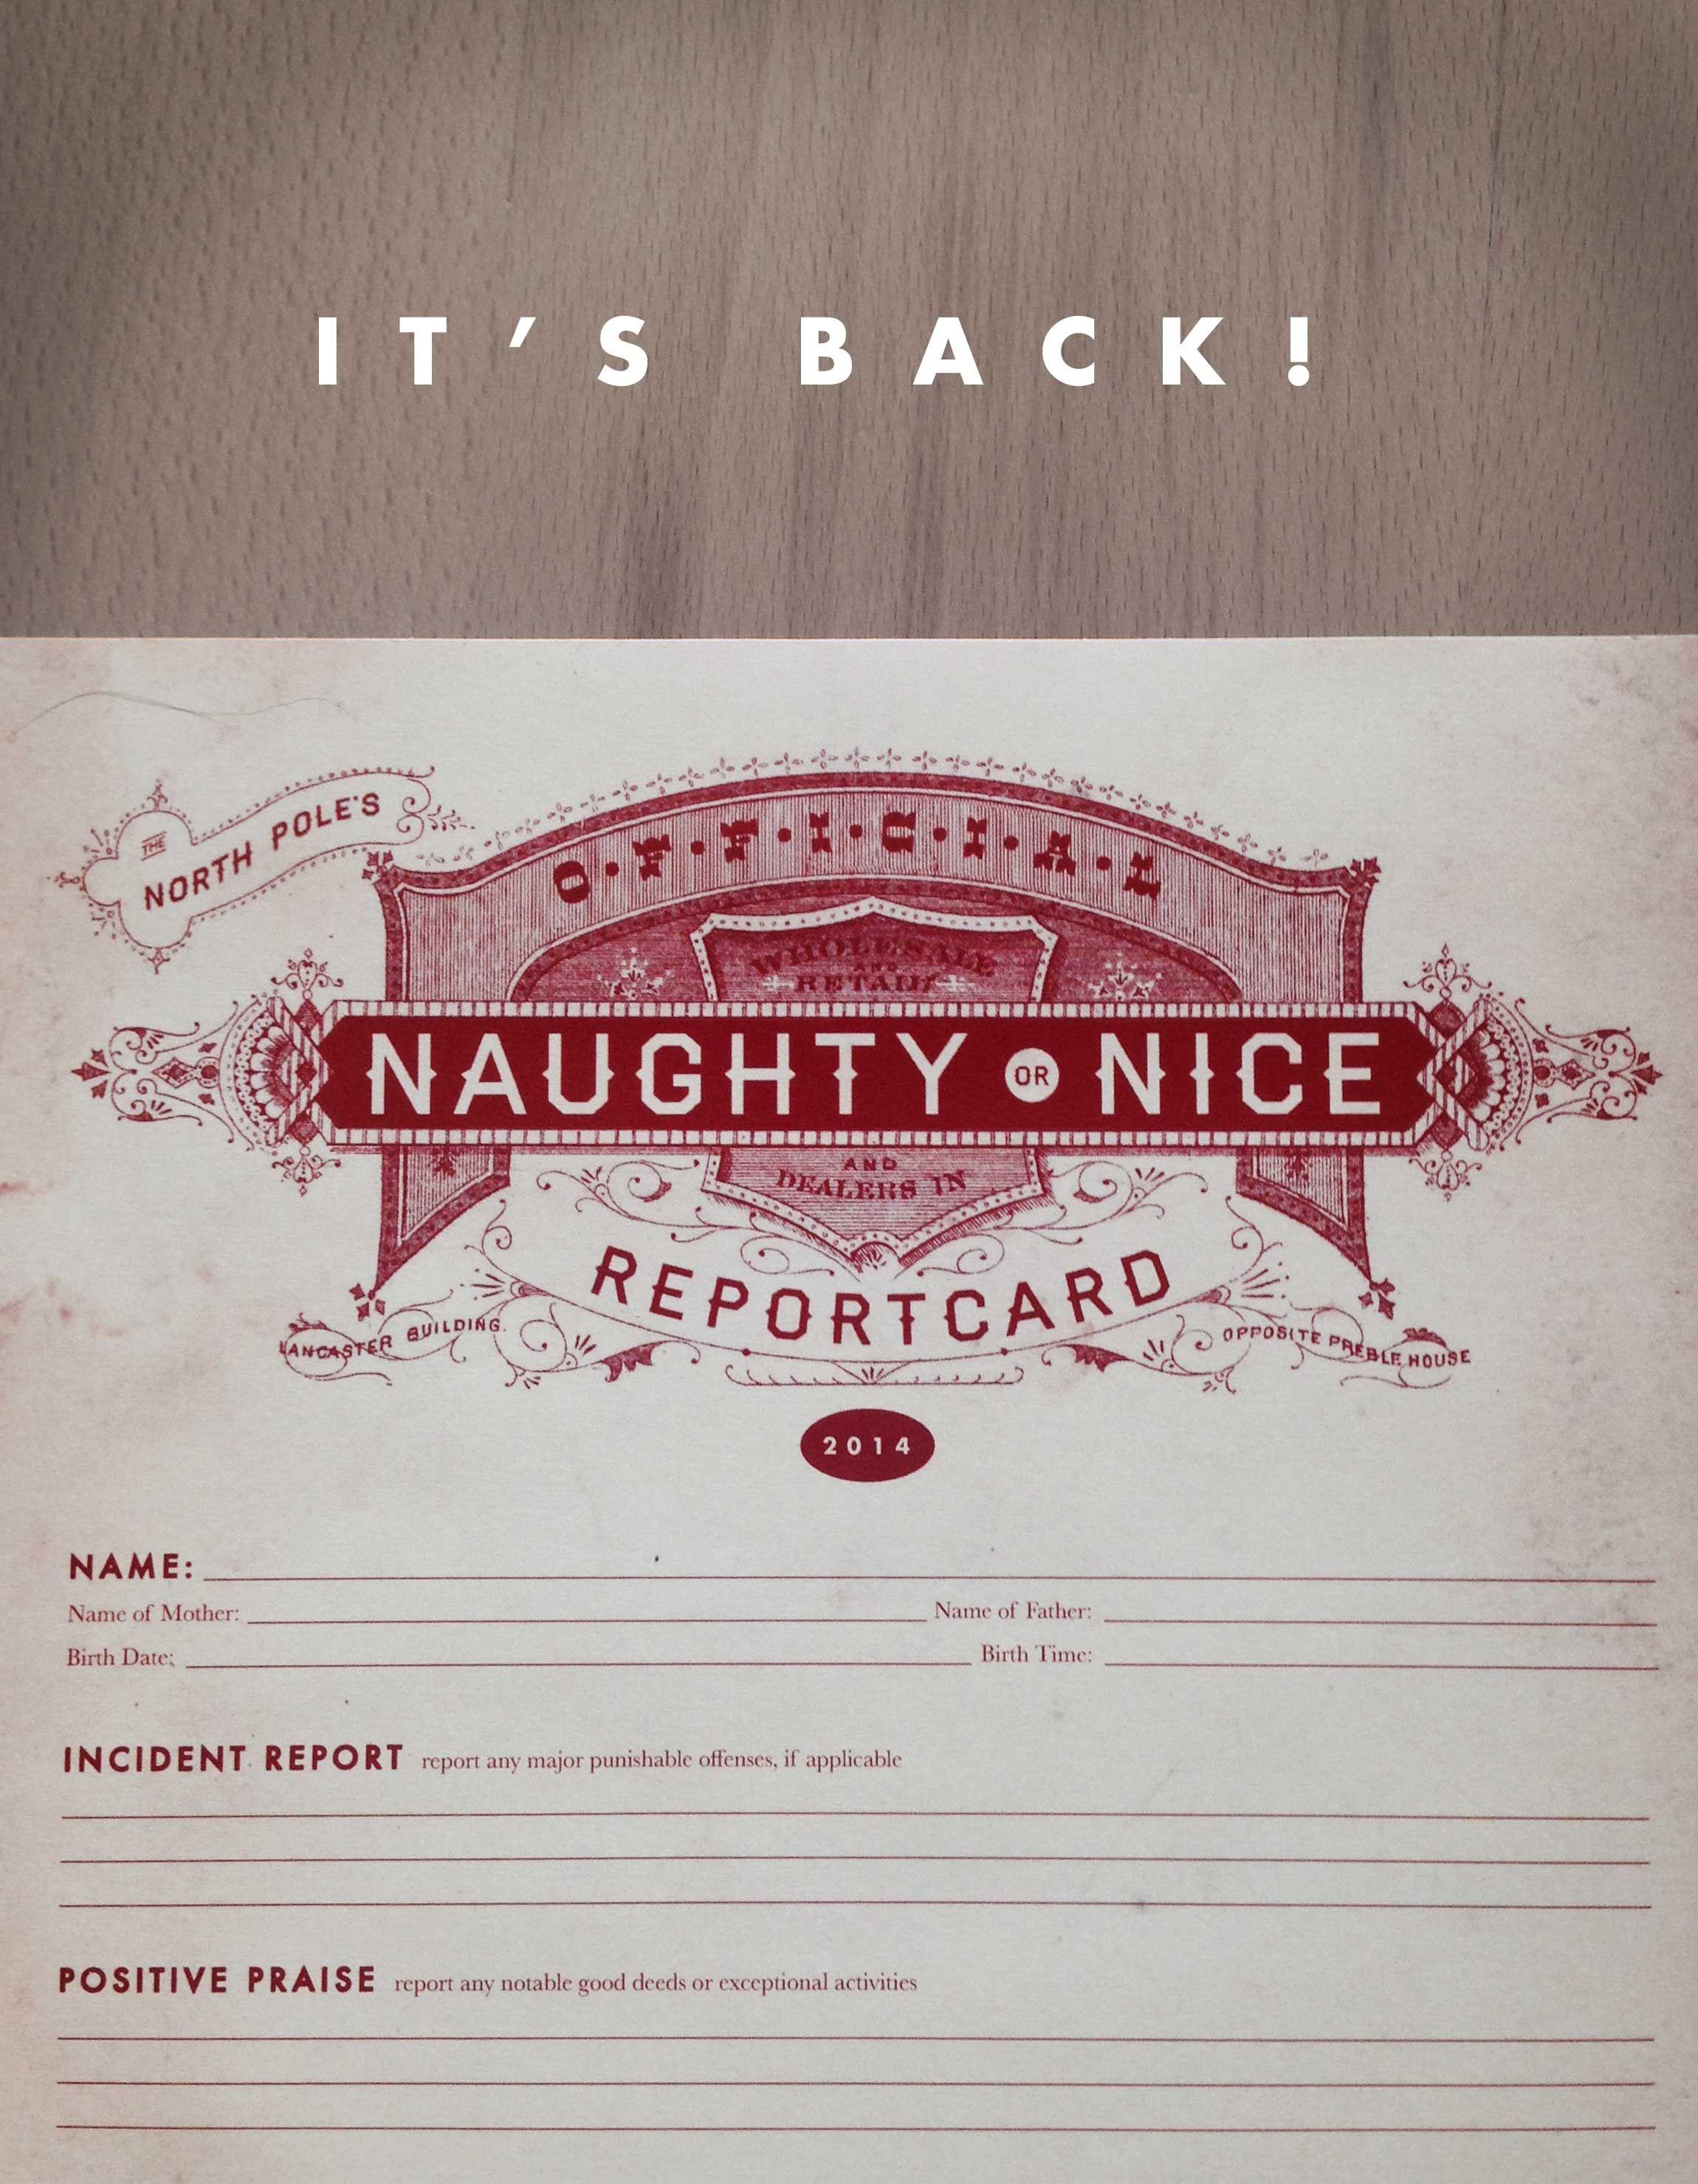 Naughty Or Nice Report Card Free Christmas Printables Free Christmas Tags Merry Christmas To All